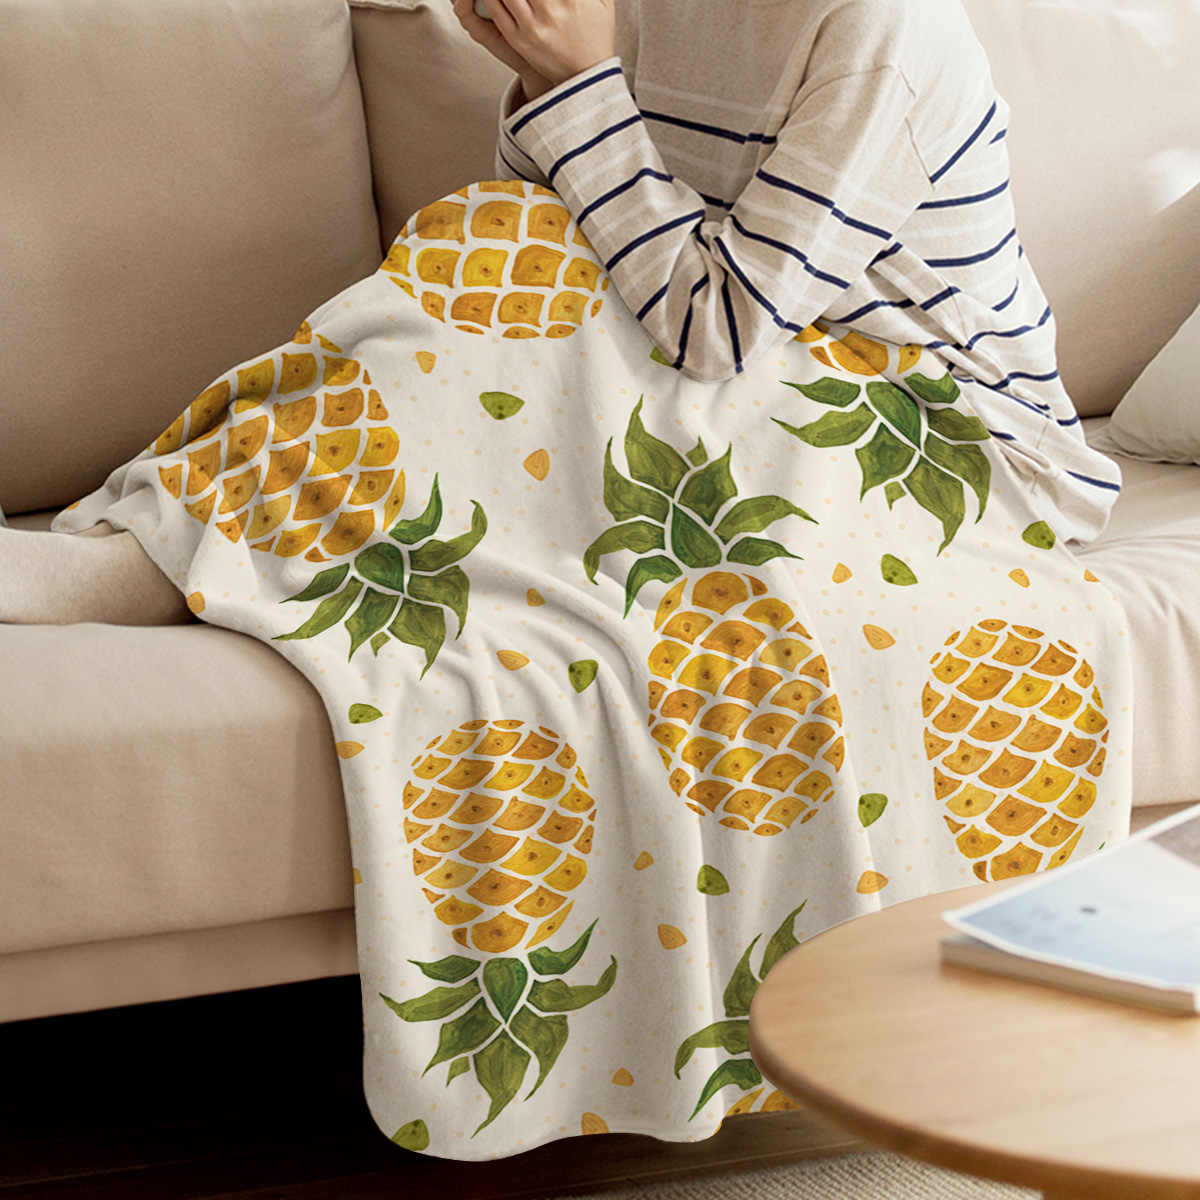 BIGHOUSES rzut koc owoce ananasa rzut koc miękki ciepły koc z mikrofibry flanela koc